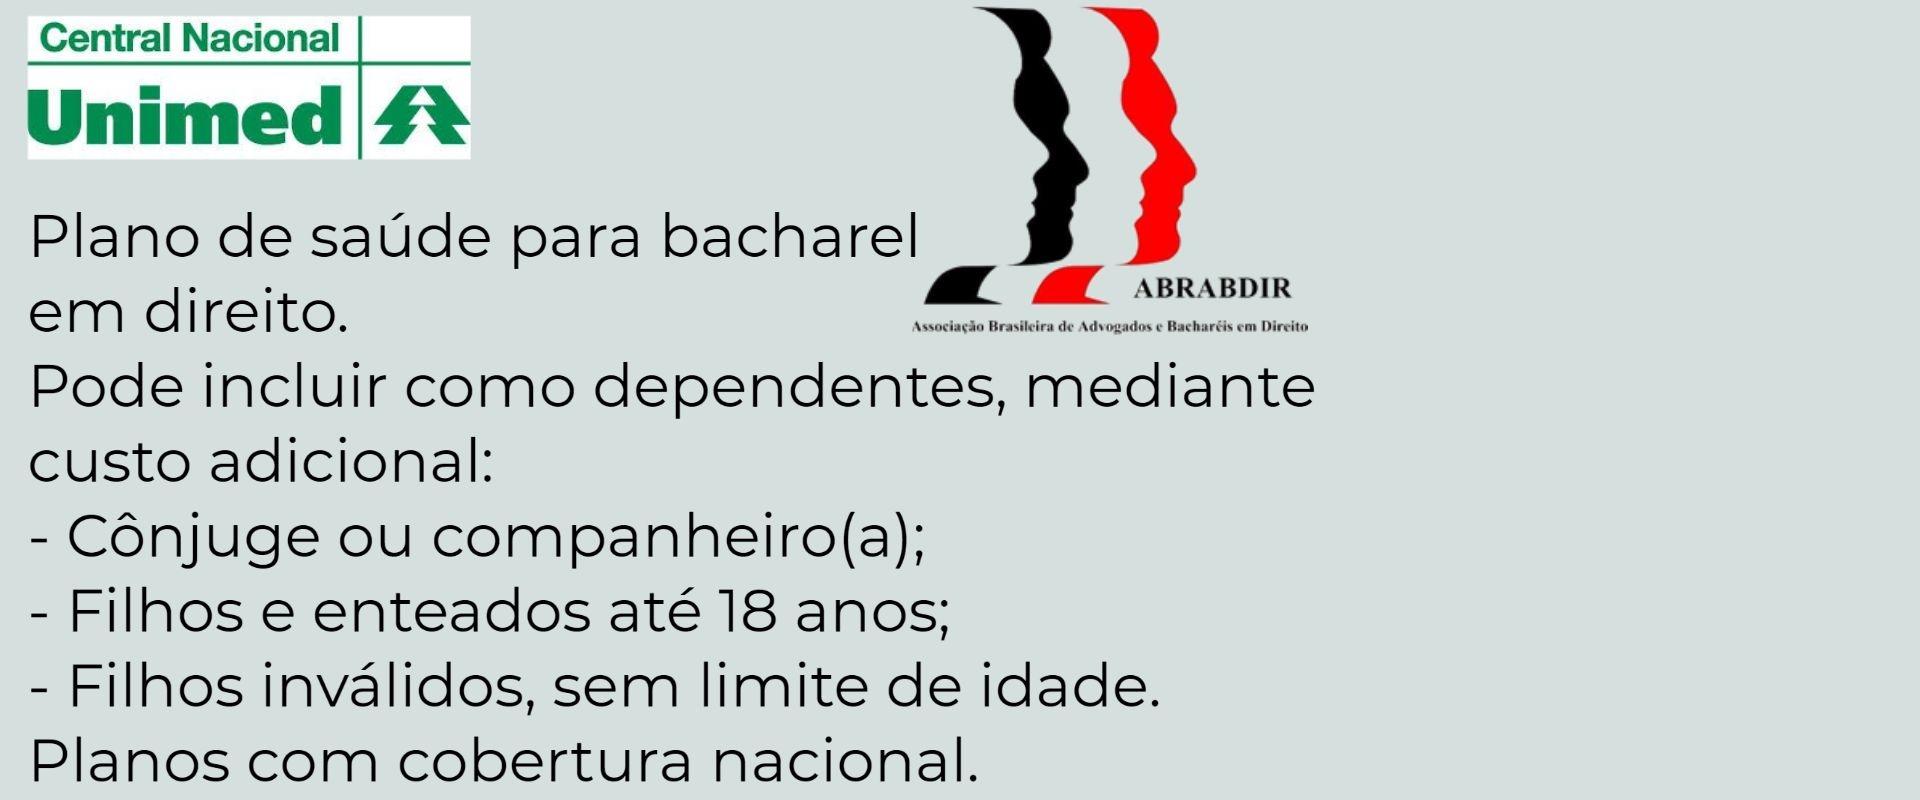 Unimed ABRABDIR Cerquilho